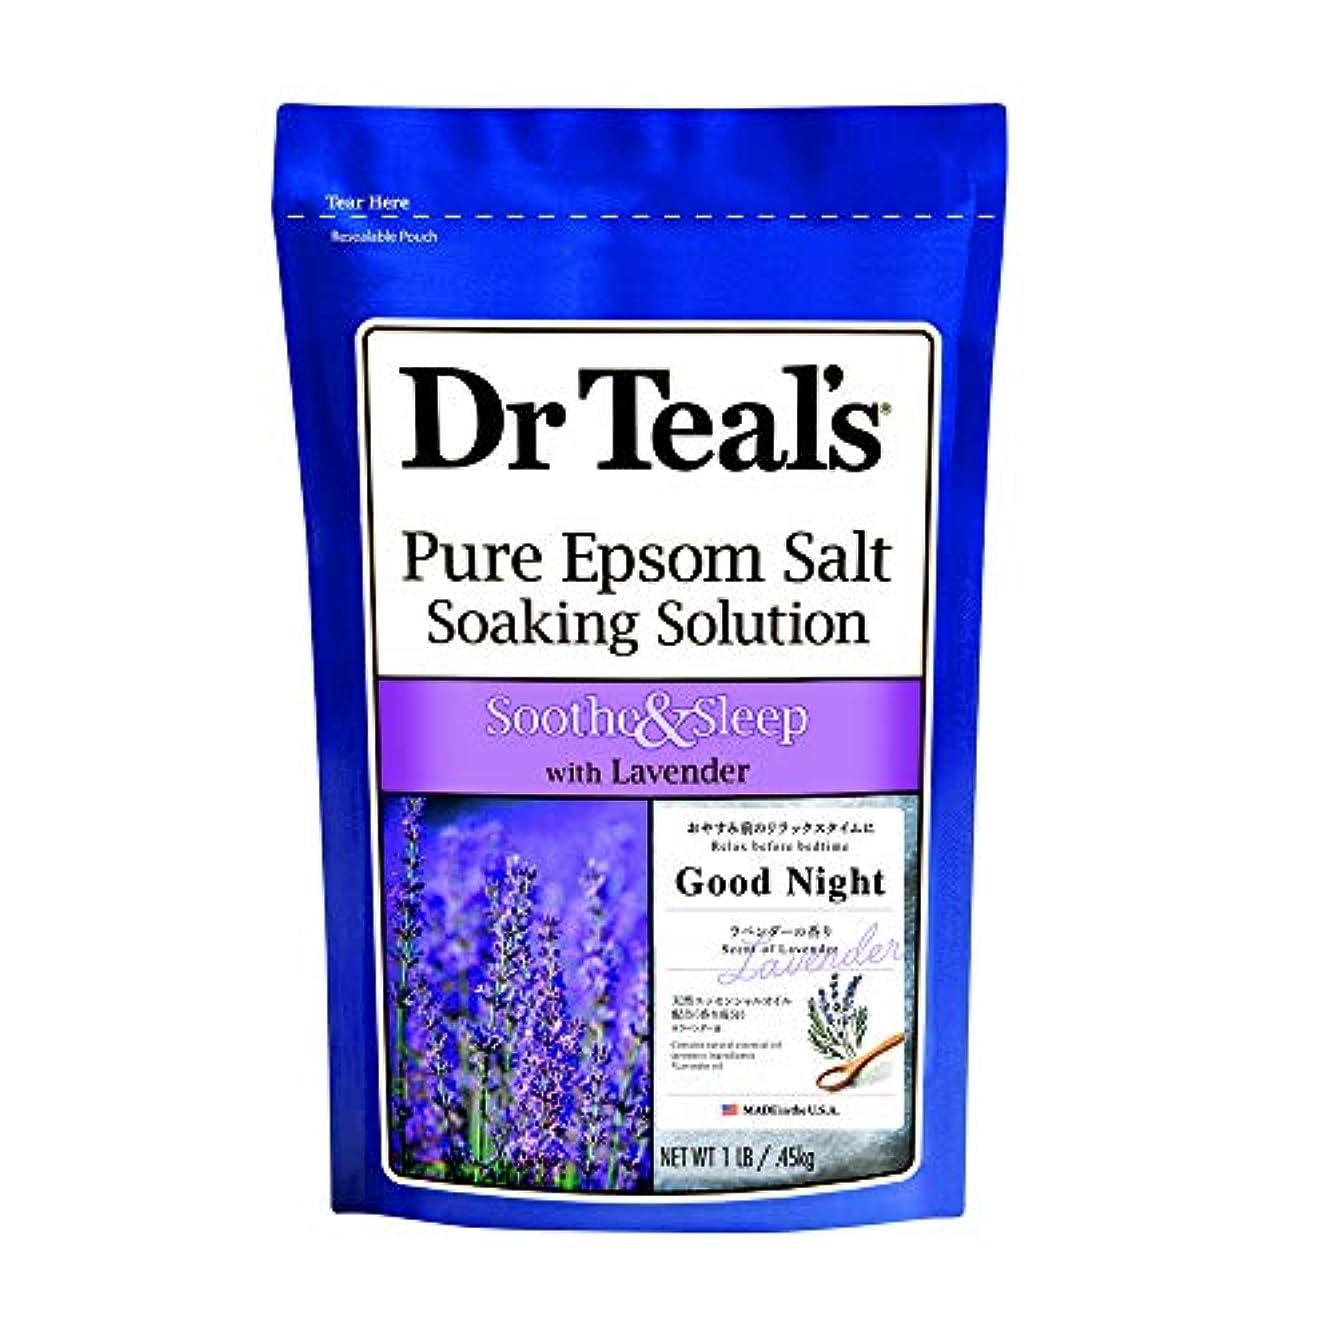 ニッケル大西洋充実Dr Teal's(ティールズ) フレグランスエプソムソルト ラベンダー 入浴剤 453g